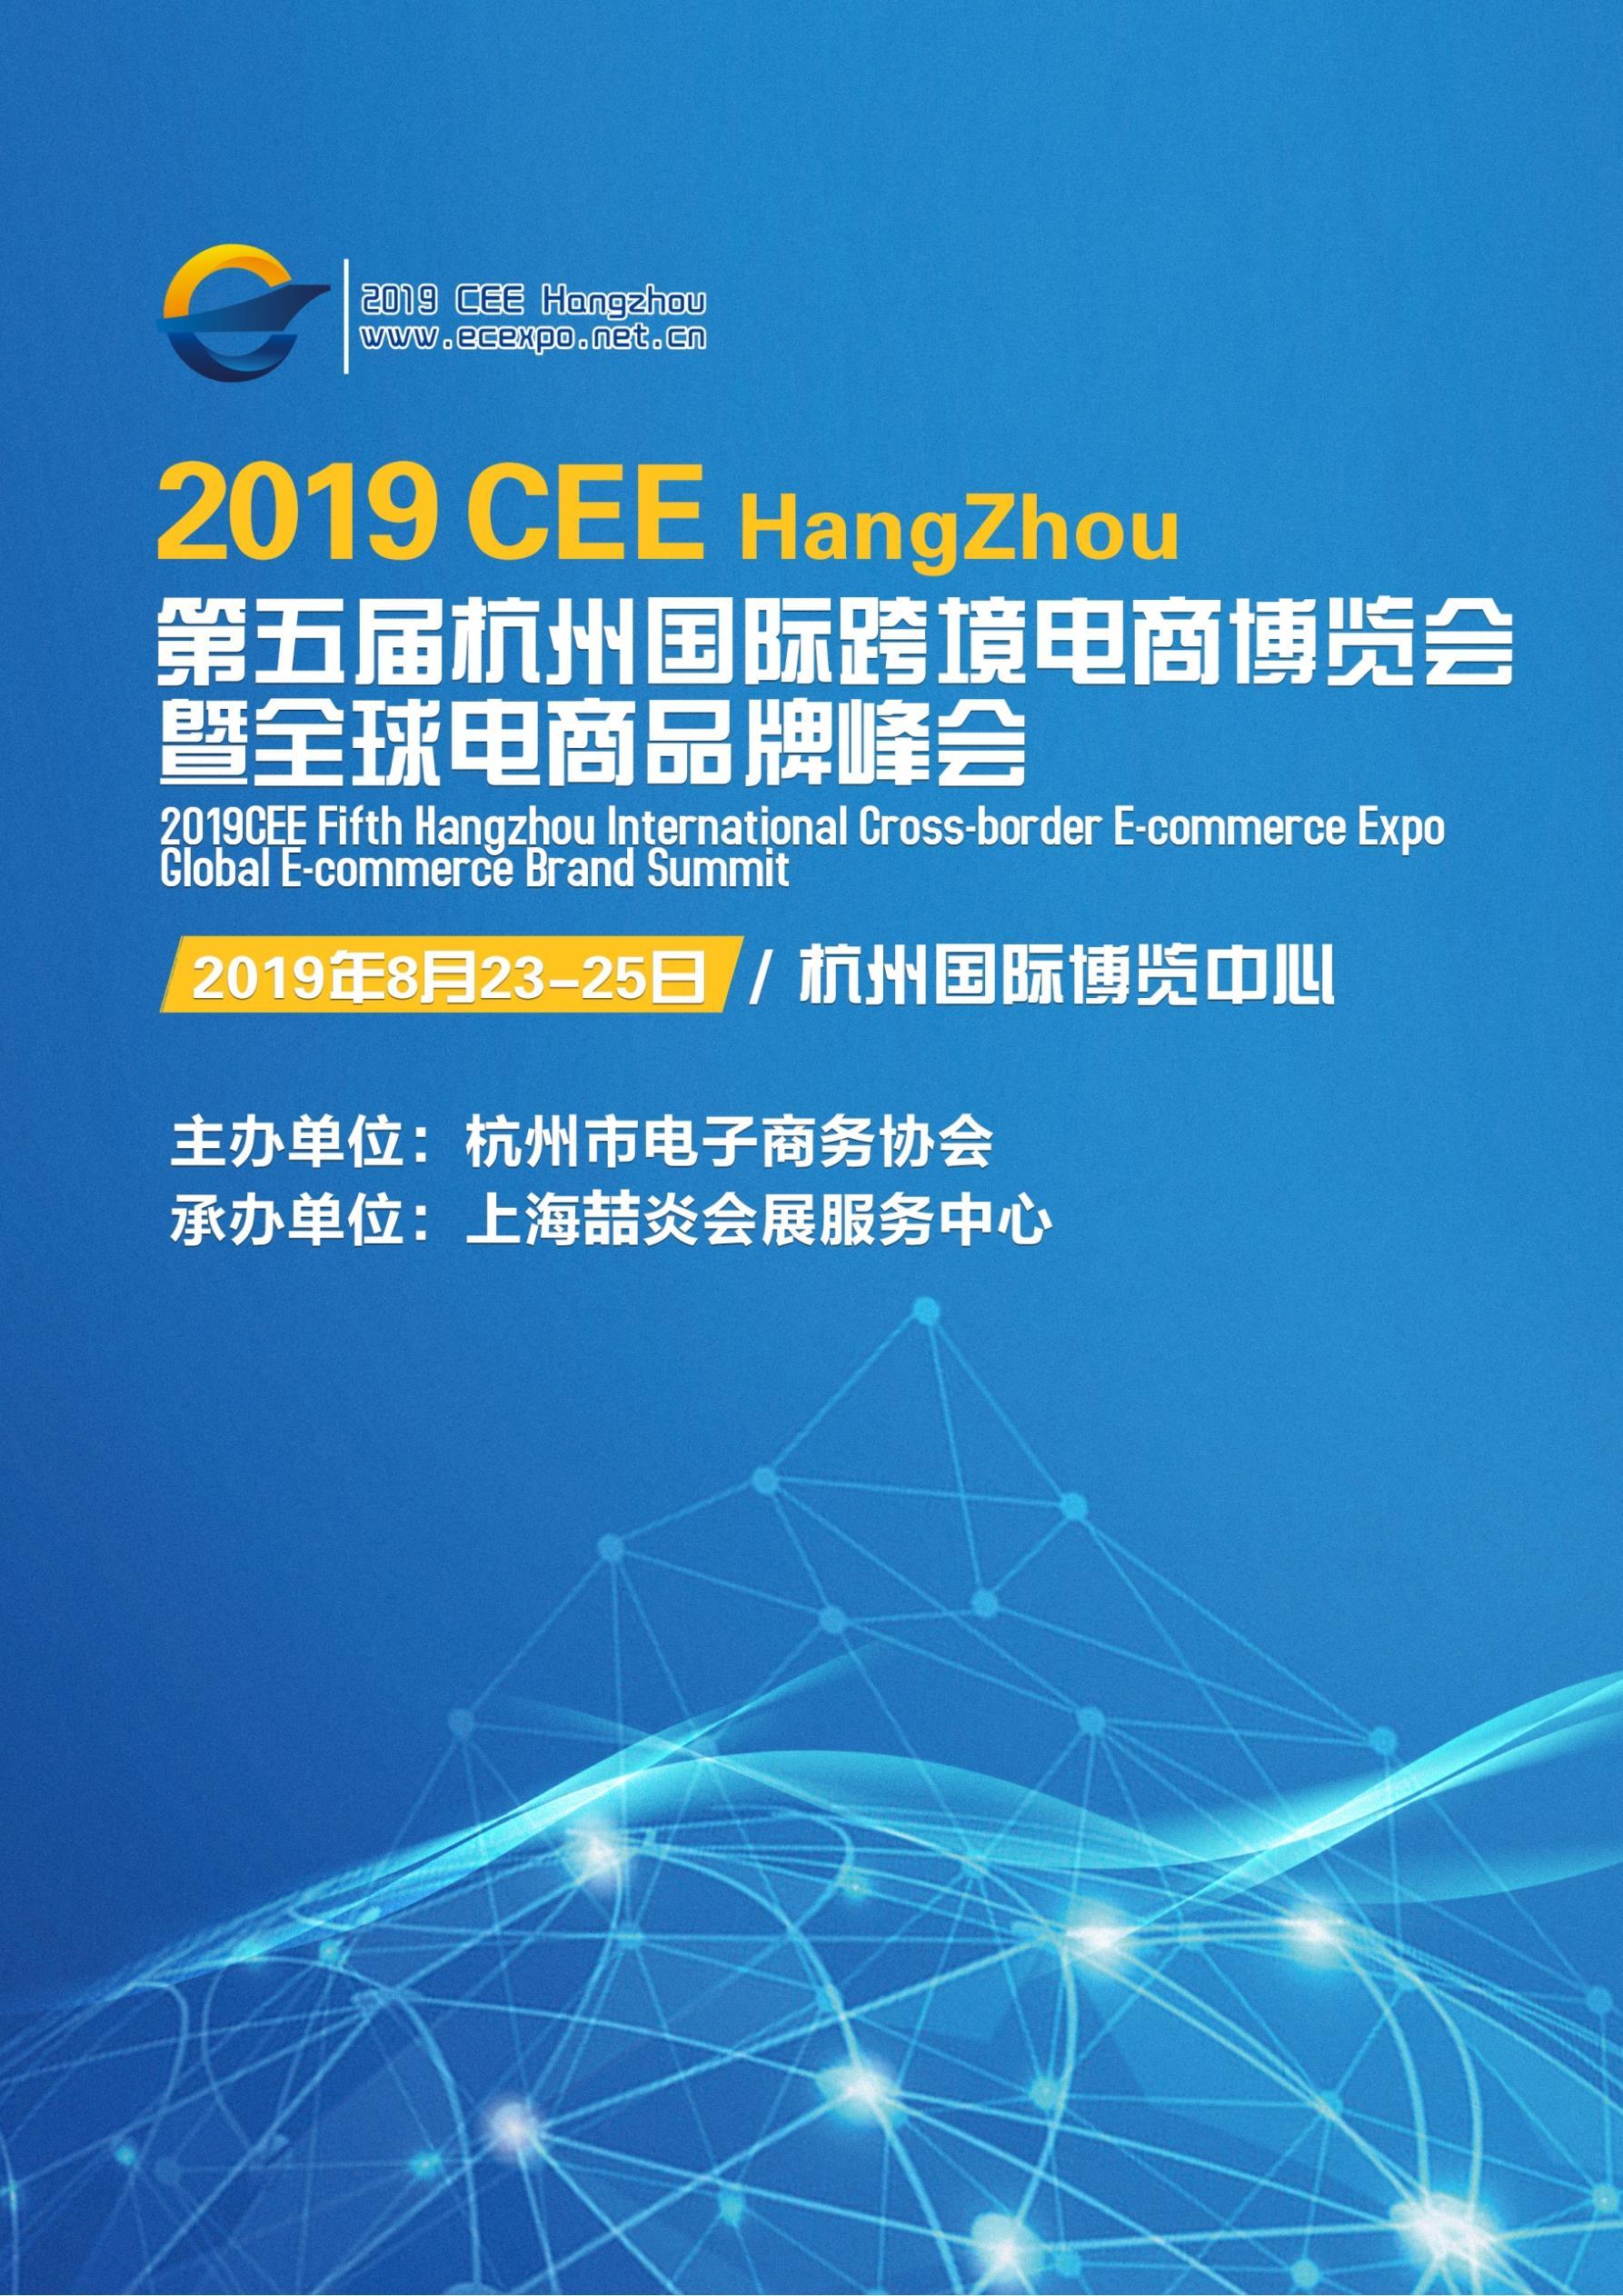 2019年杭州跨境电商展暨全球电商峰会